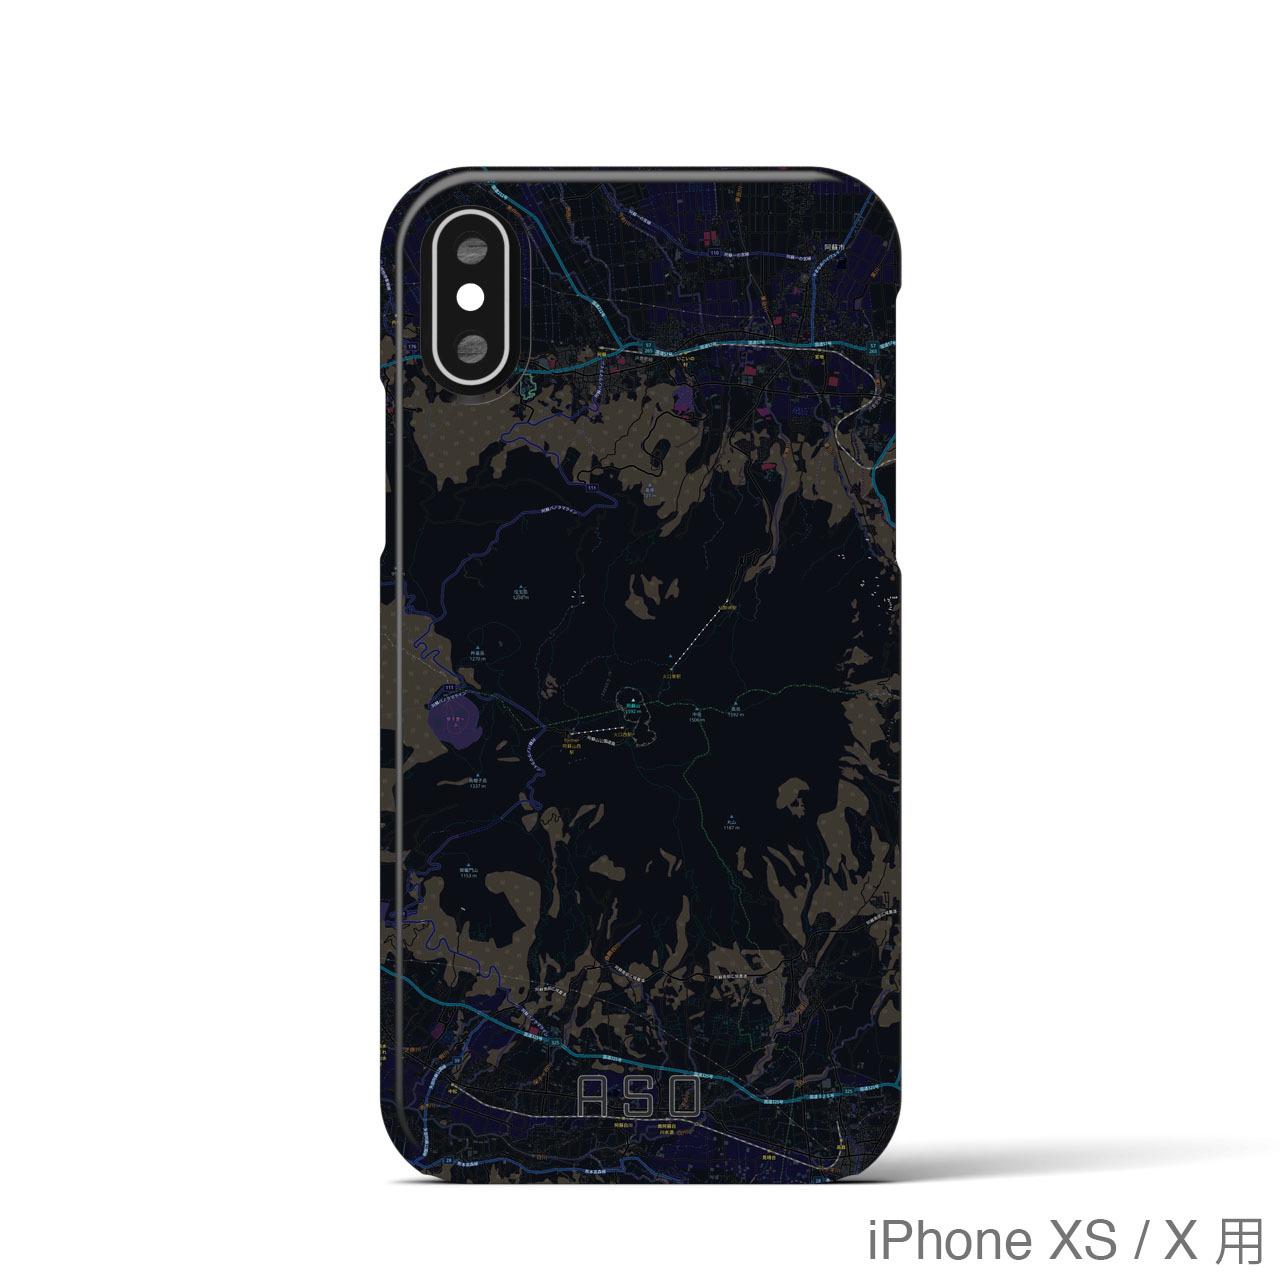 【阿蘇】地図柄iPhoneケース(バックカバータイプ・ブラック)